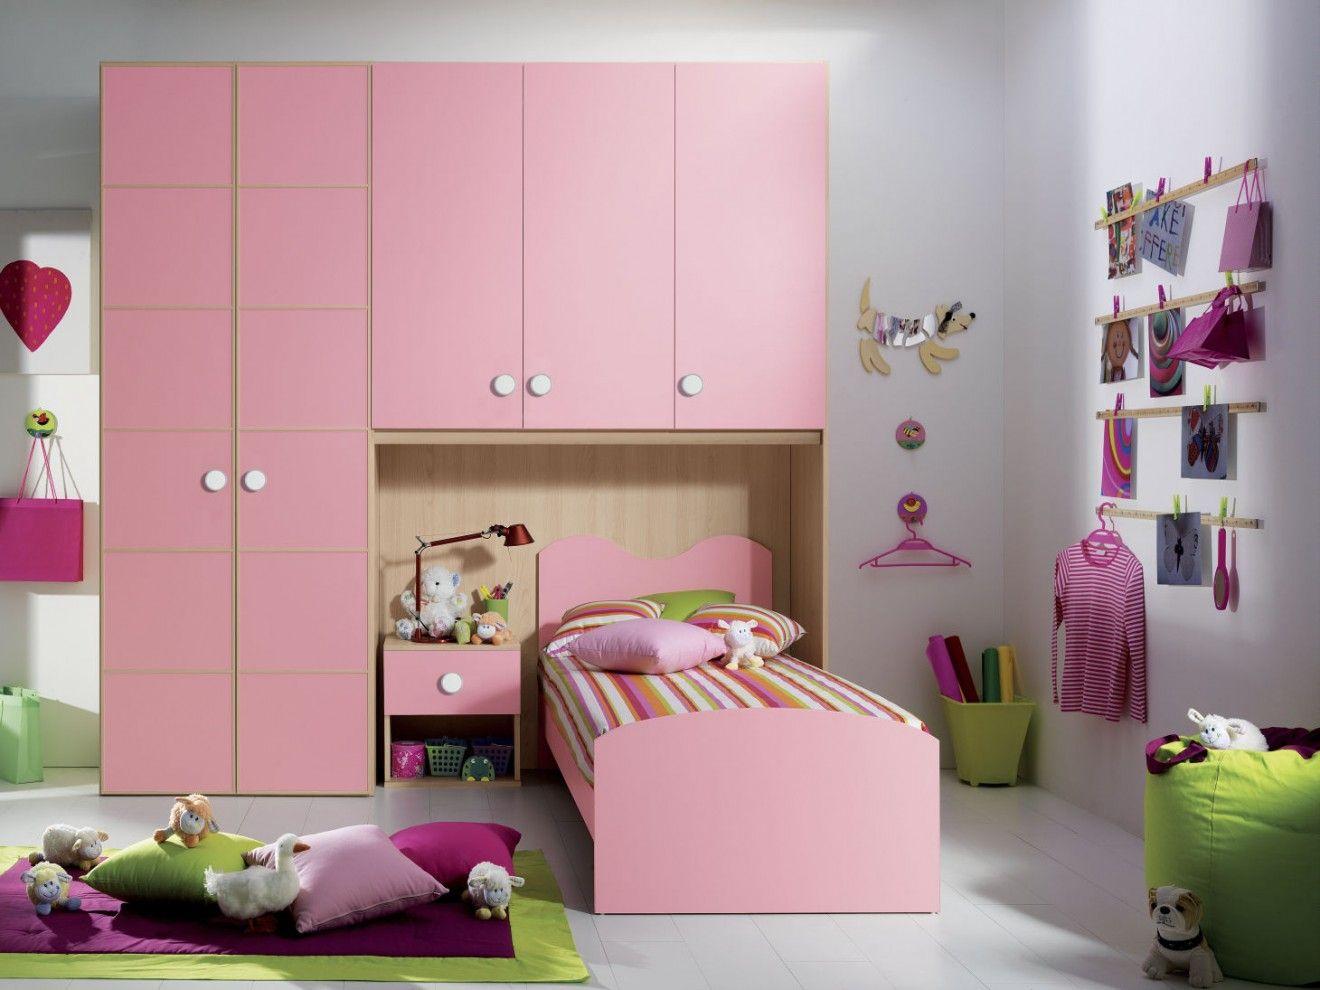 Camerette Valentini ~ Camerette a ponte martina camerette bedrooms design furnishing